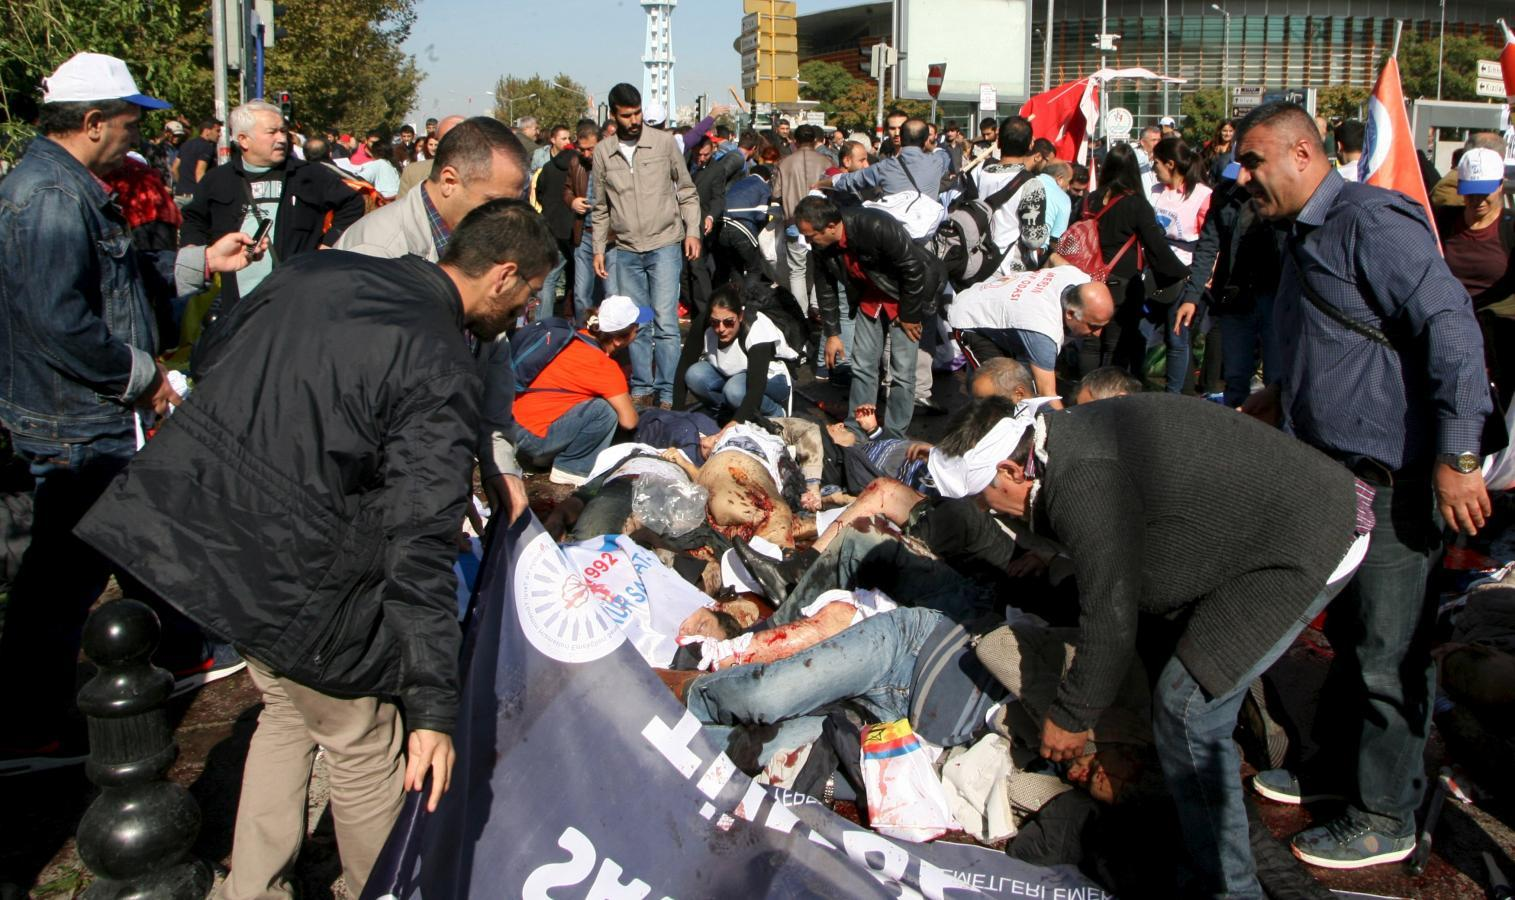 وزارة الداخلية:30 قتيلا و126 مصابا في هجوم أنقرة